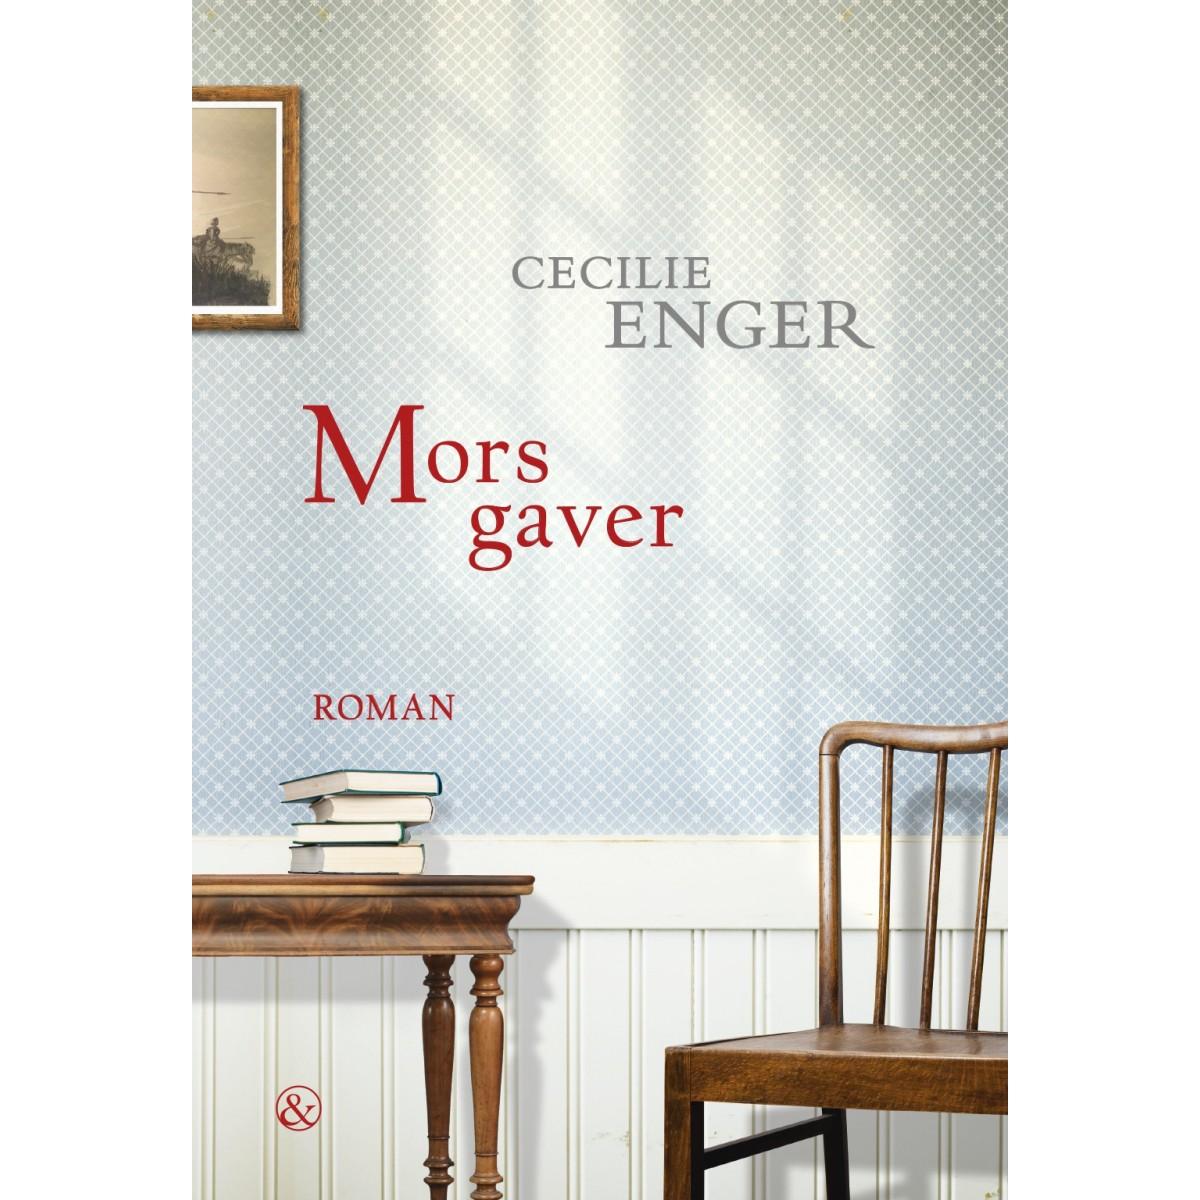 Cecilie Enger: Mors gaver